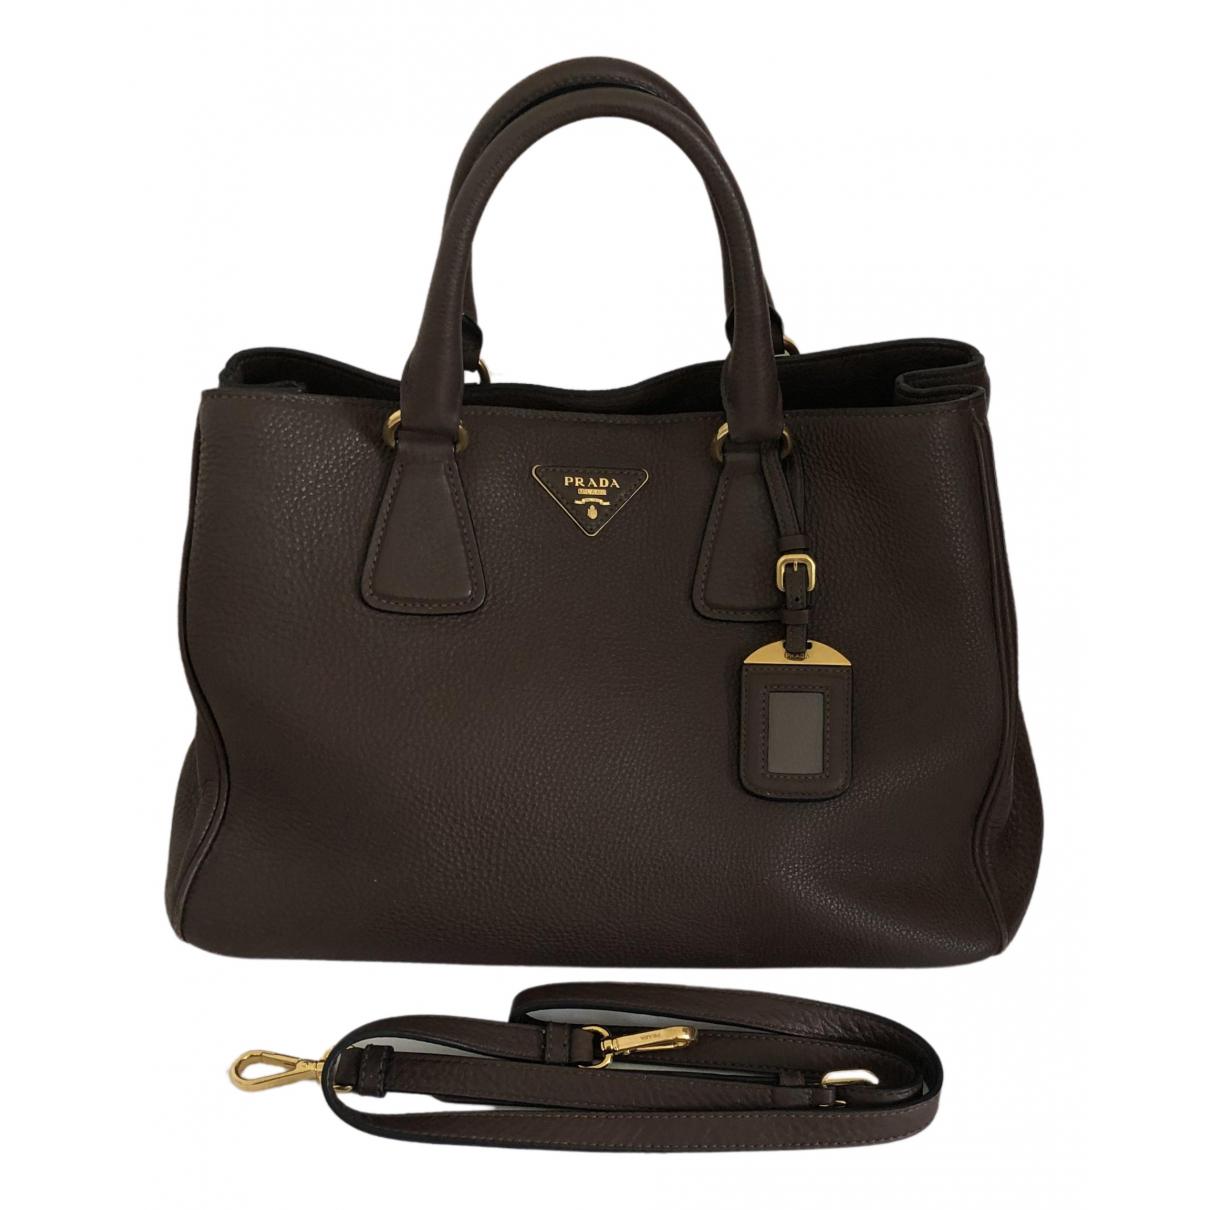 Prada - Sac a main Galleria pour femme en cuir - marron